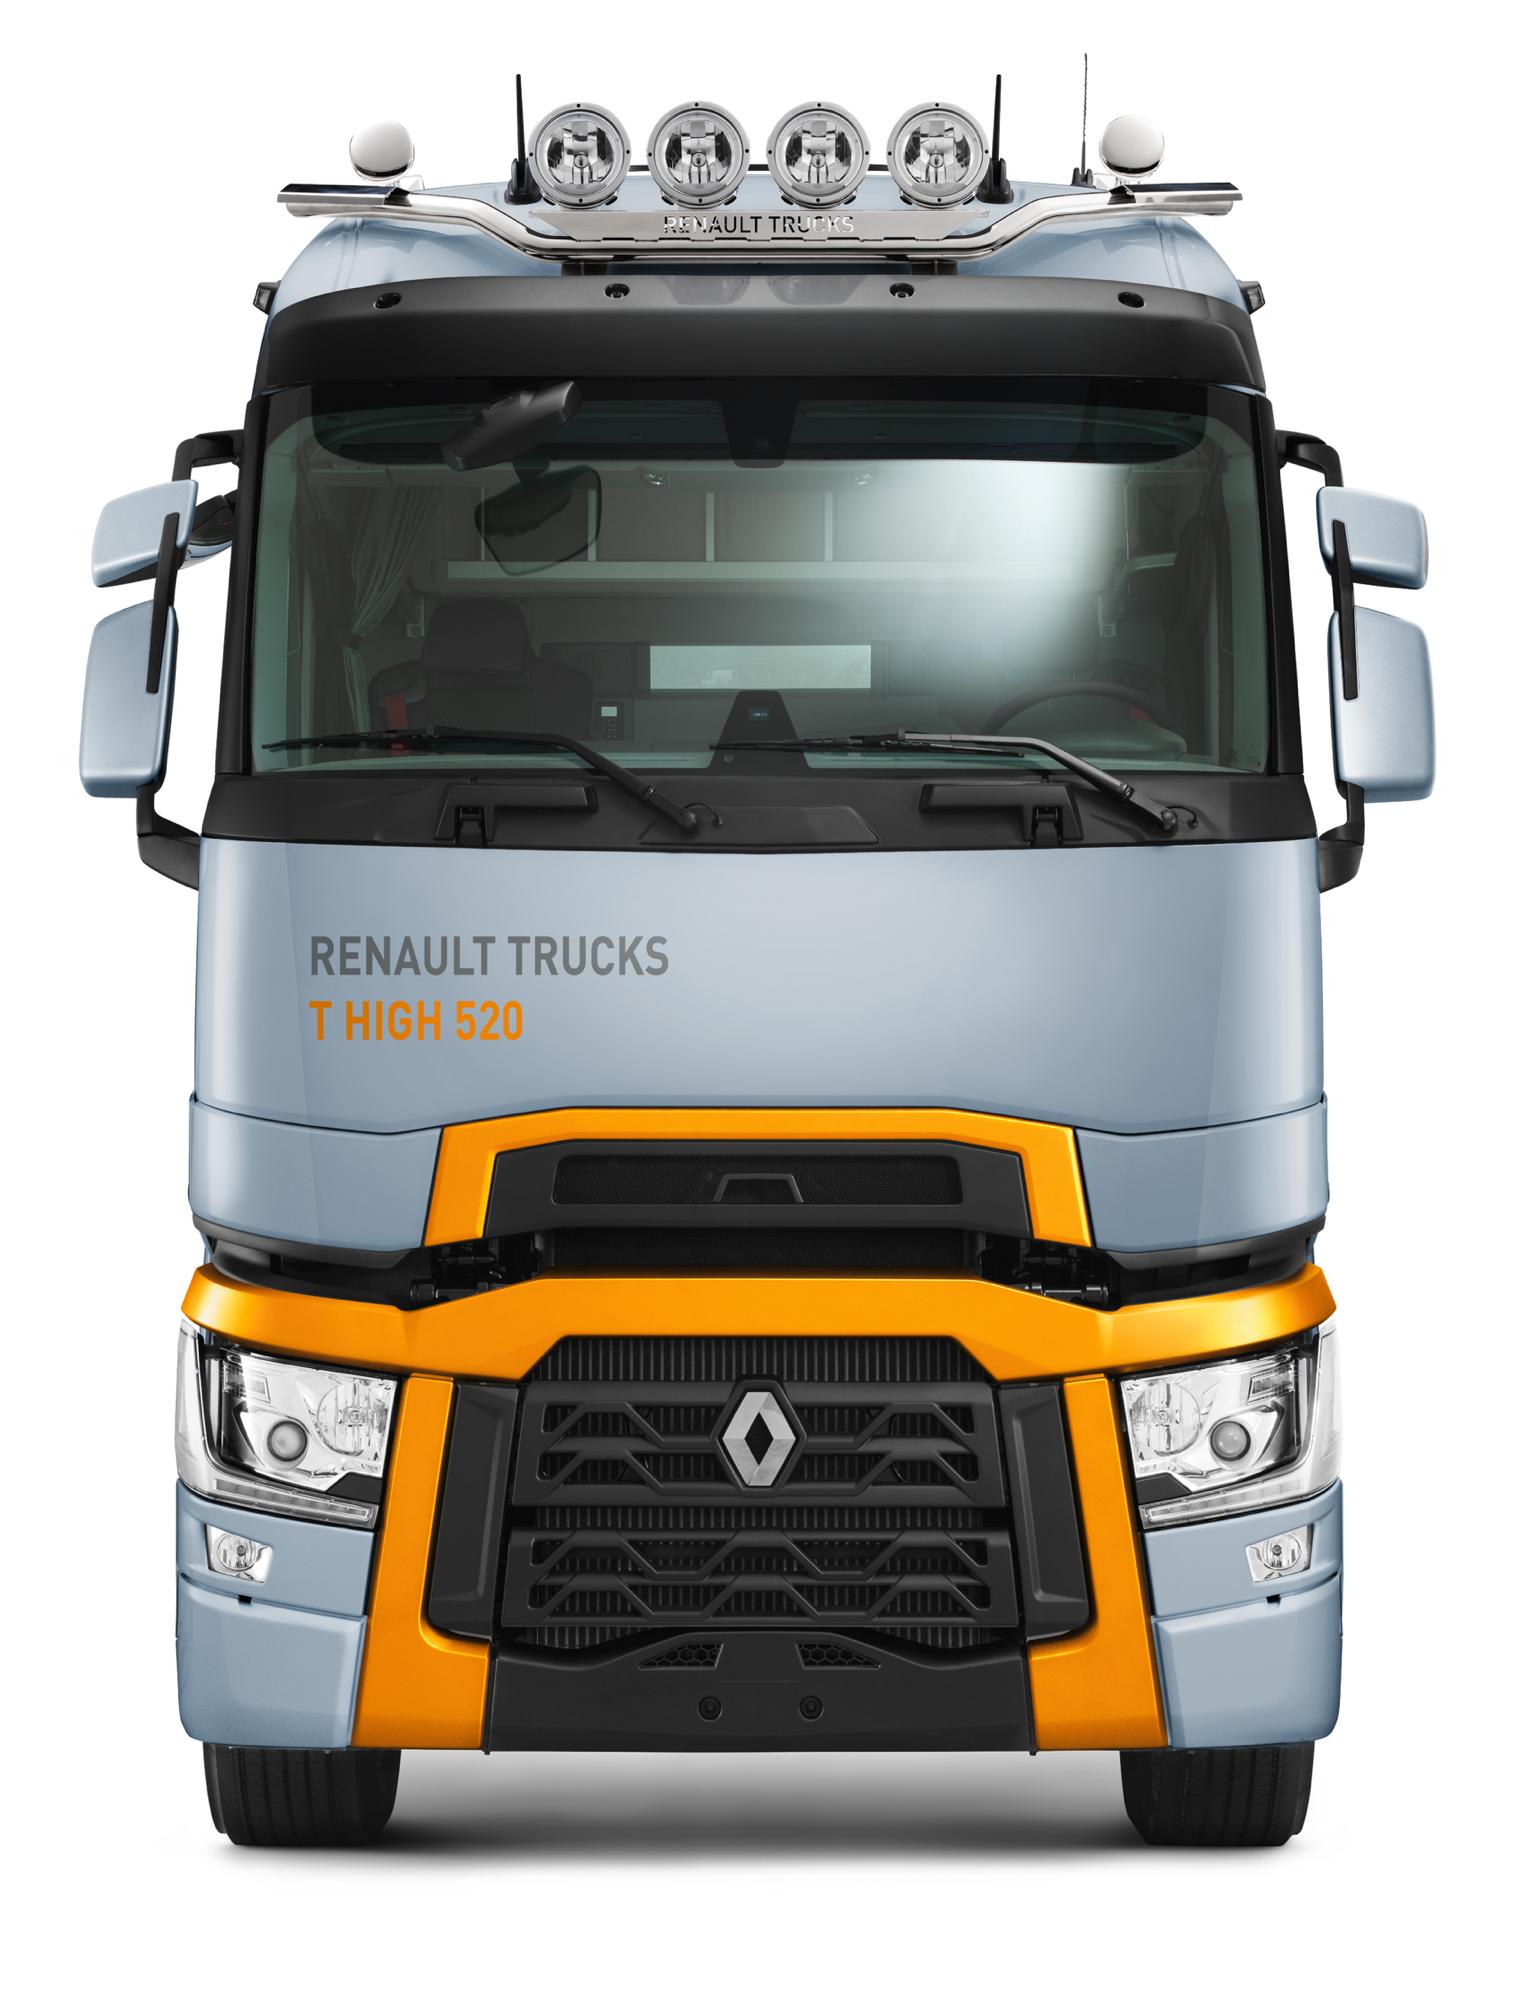 1545075825_renault_trucks_t_2019_gorsel_3